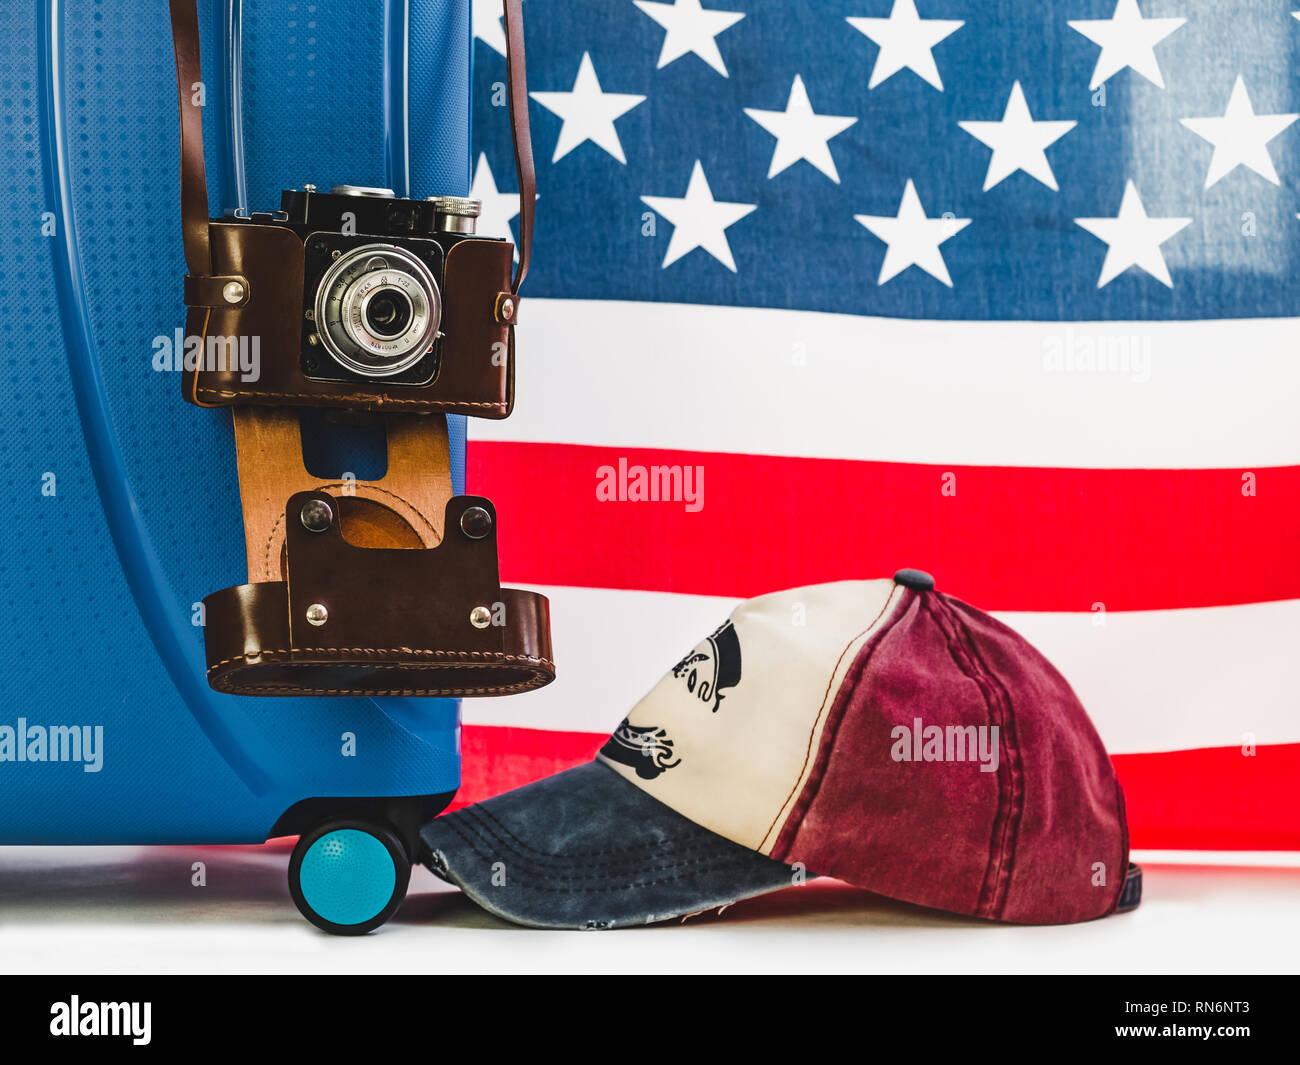 c0caa4577df558 Elegante, blu valigia, bandiera degli Stati Uniti, vintage fotocamera in una  custodia di